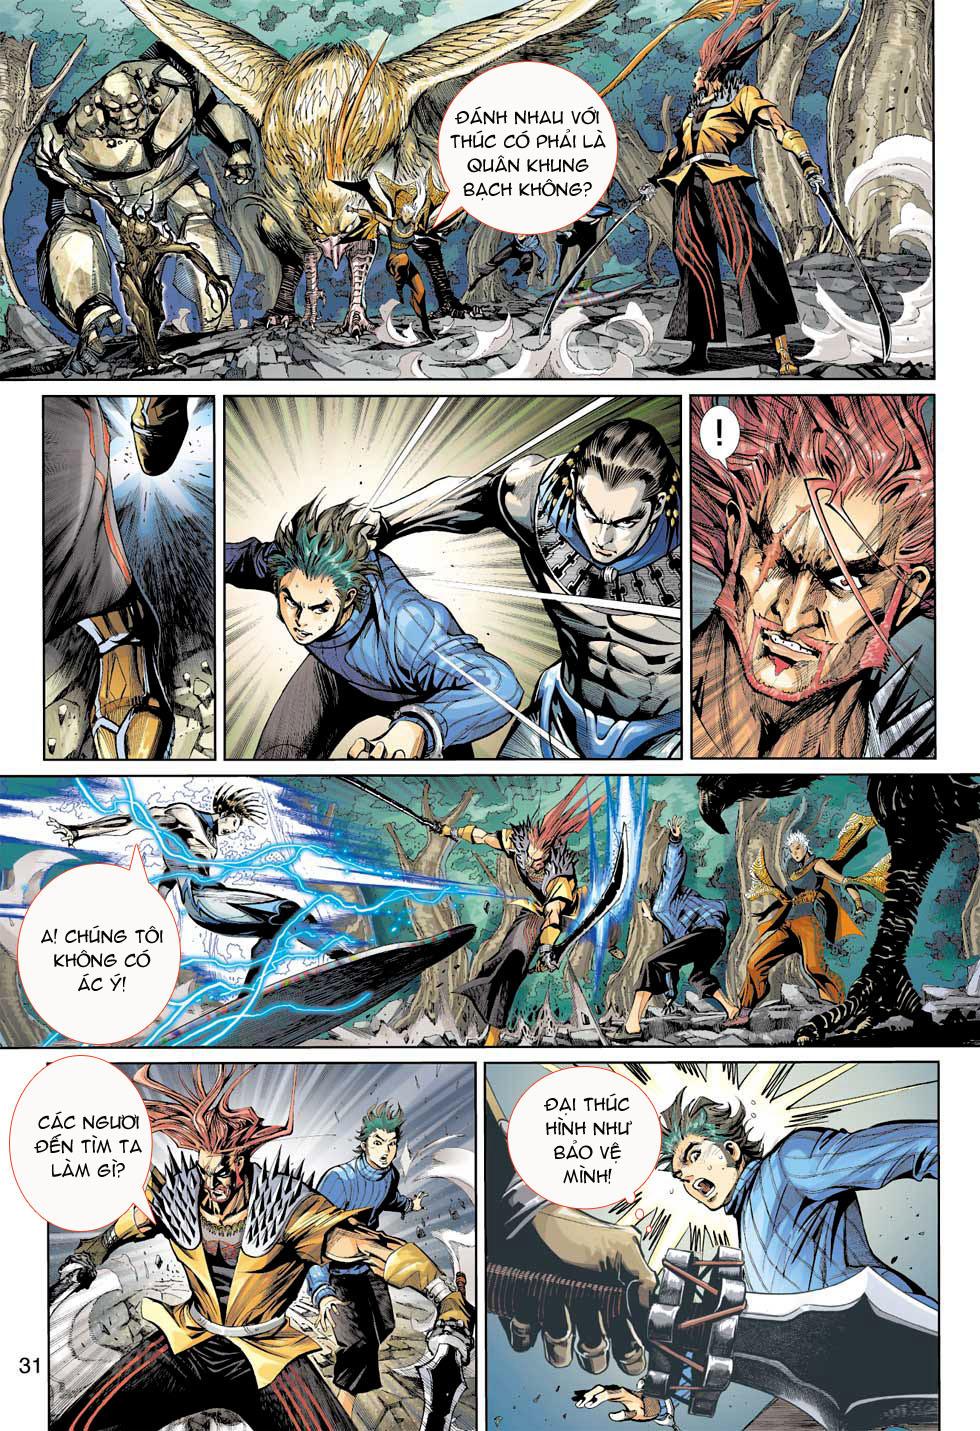 Thần Binh 4 chap 7 - Trang 31